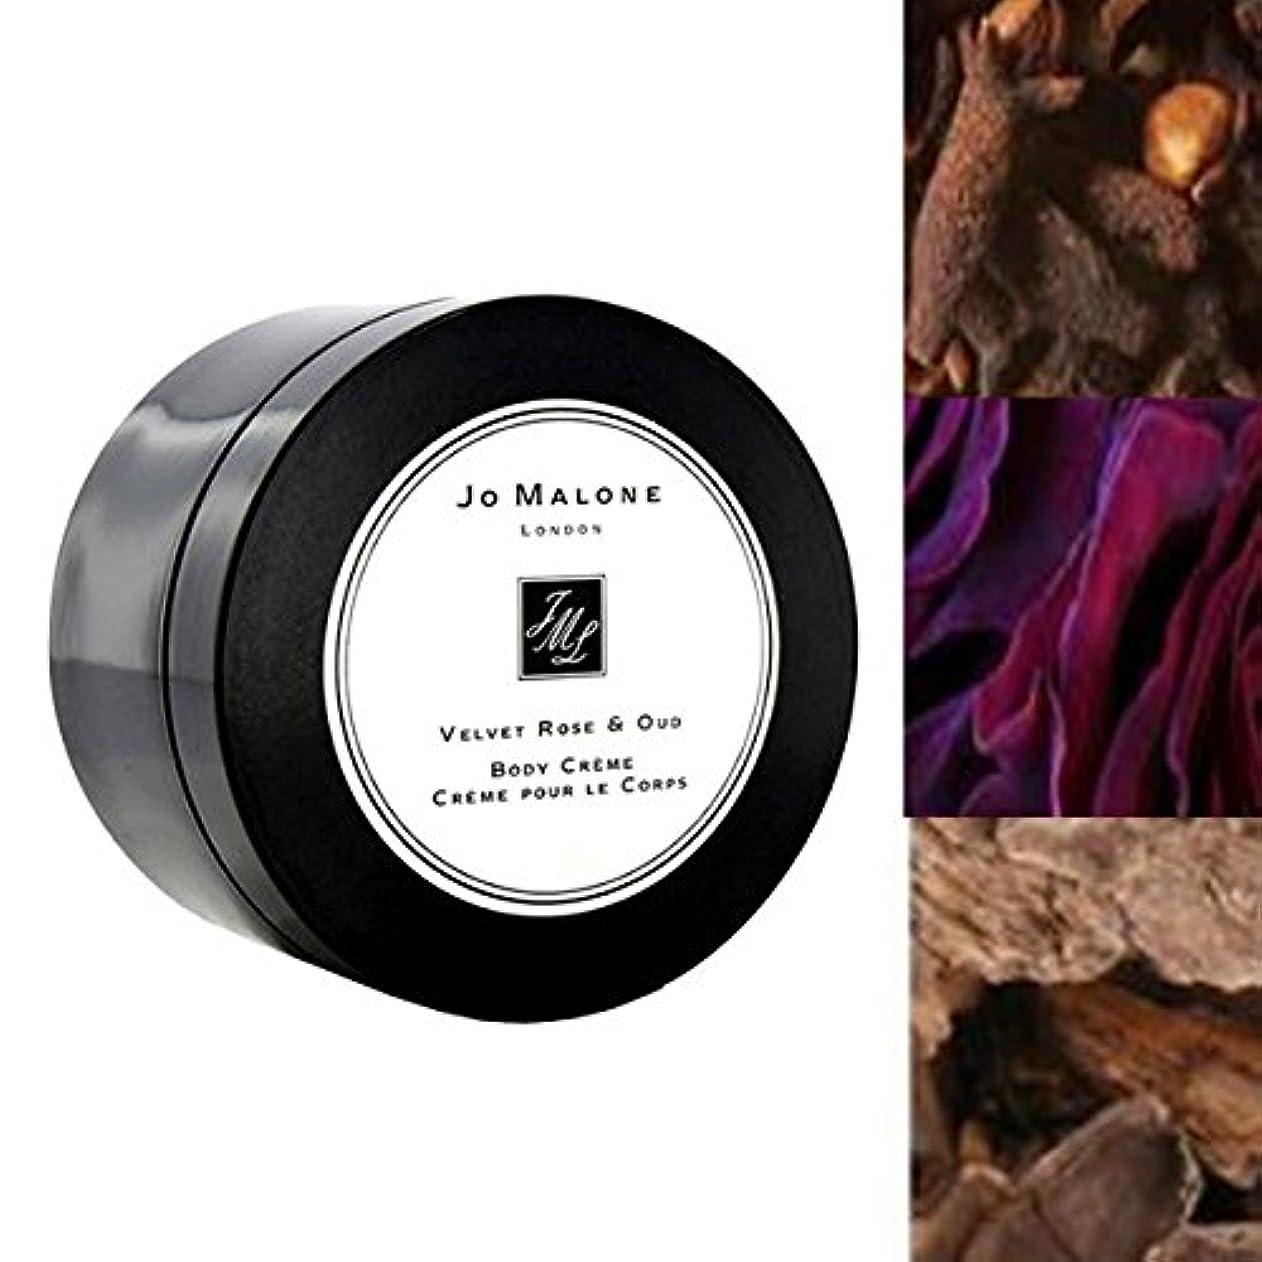 豚肉不機嫌そうな聖域Jo Malone London ジョーマローン, Velvet Rose & Oud Body Crème (5.9 oz.)[海外直送品] [並行輸入品]